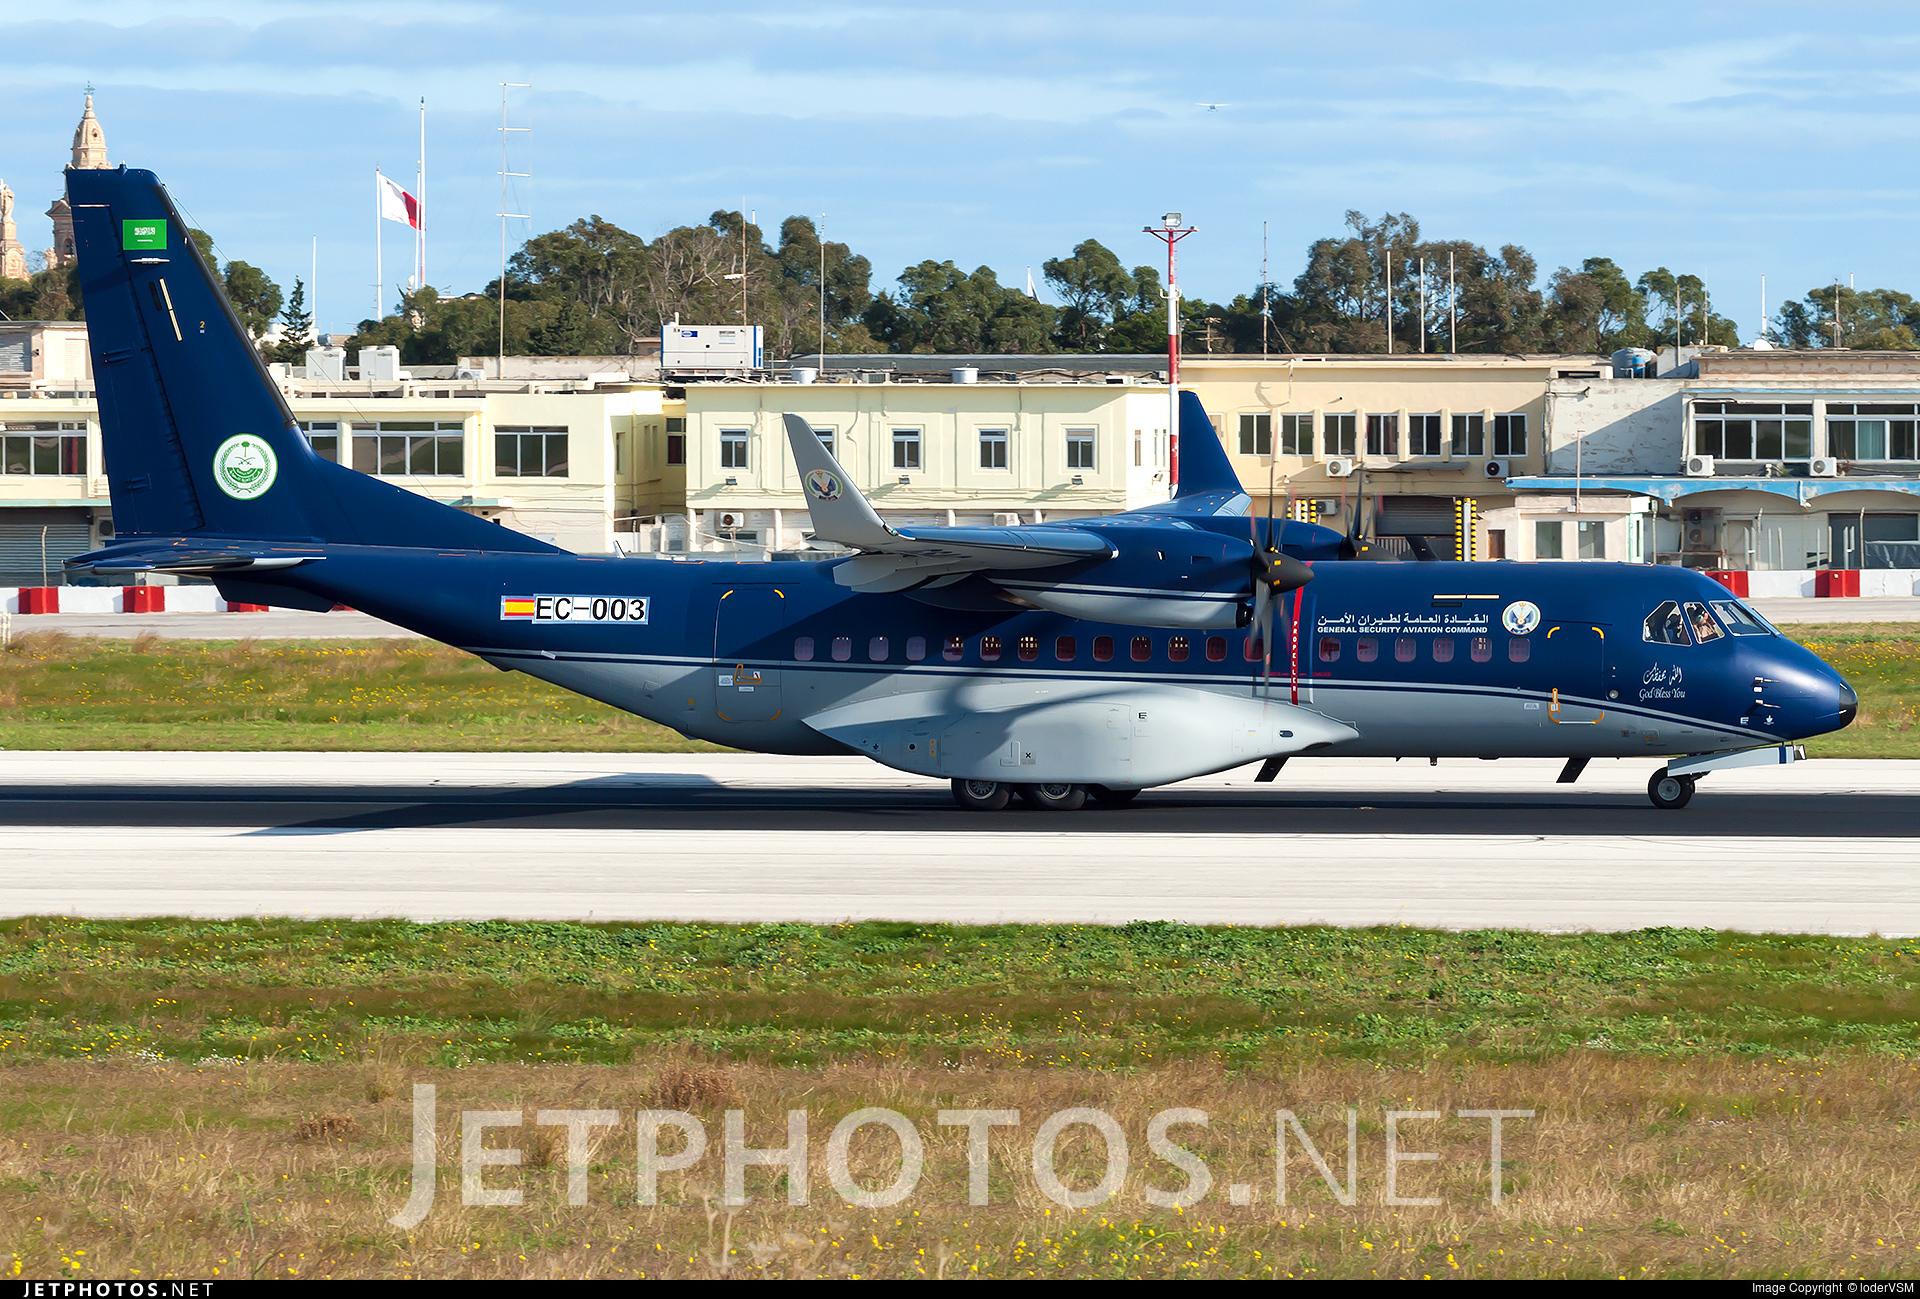 Ec 003 Airbus C295m Saudi Arabia Ministry Of Interior